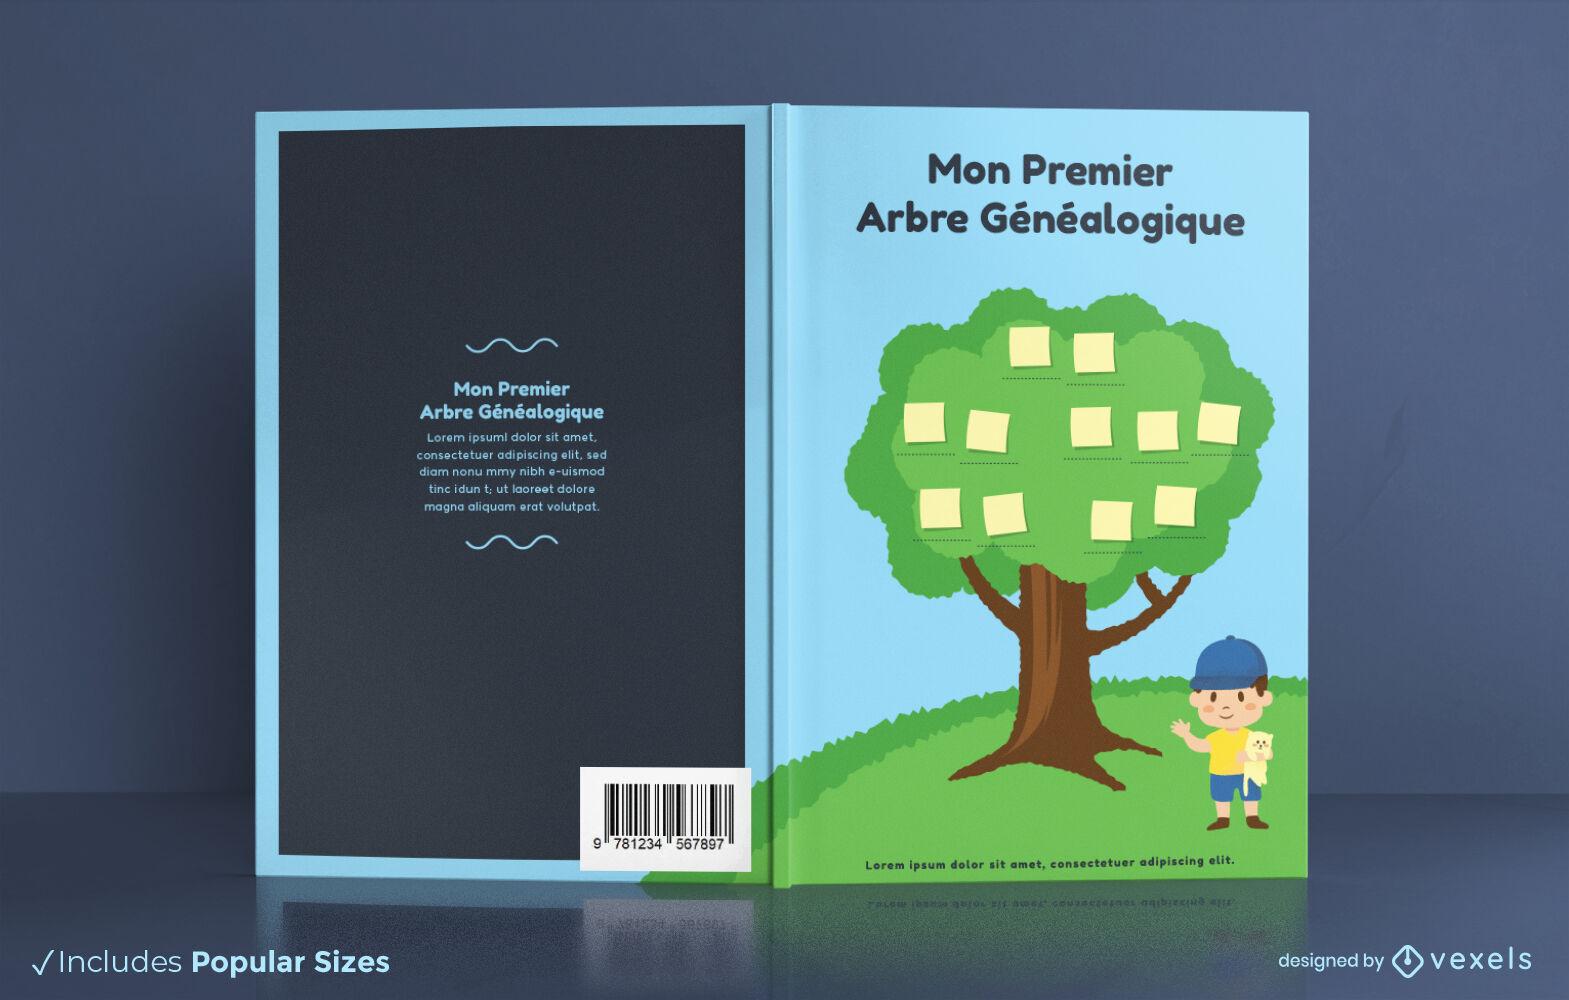 Diseño de portada de libro francés de árbol genealógico